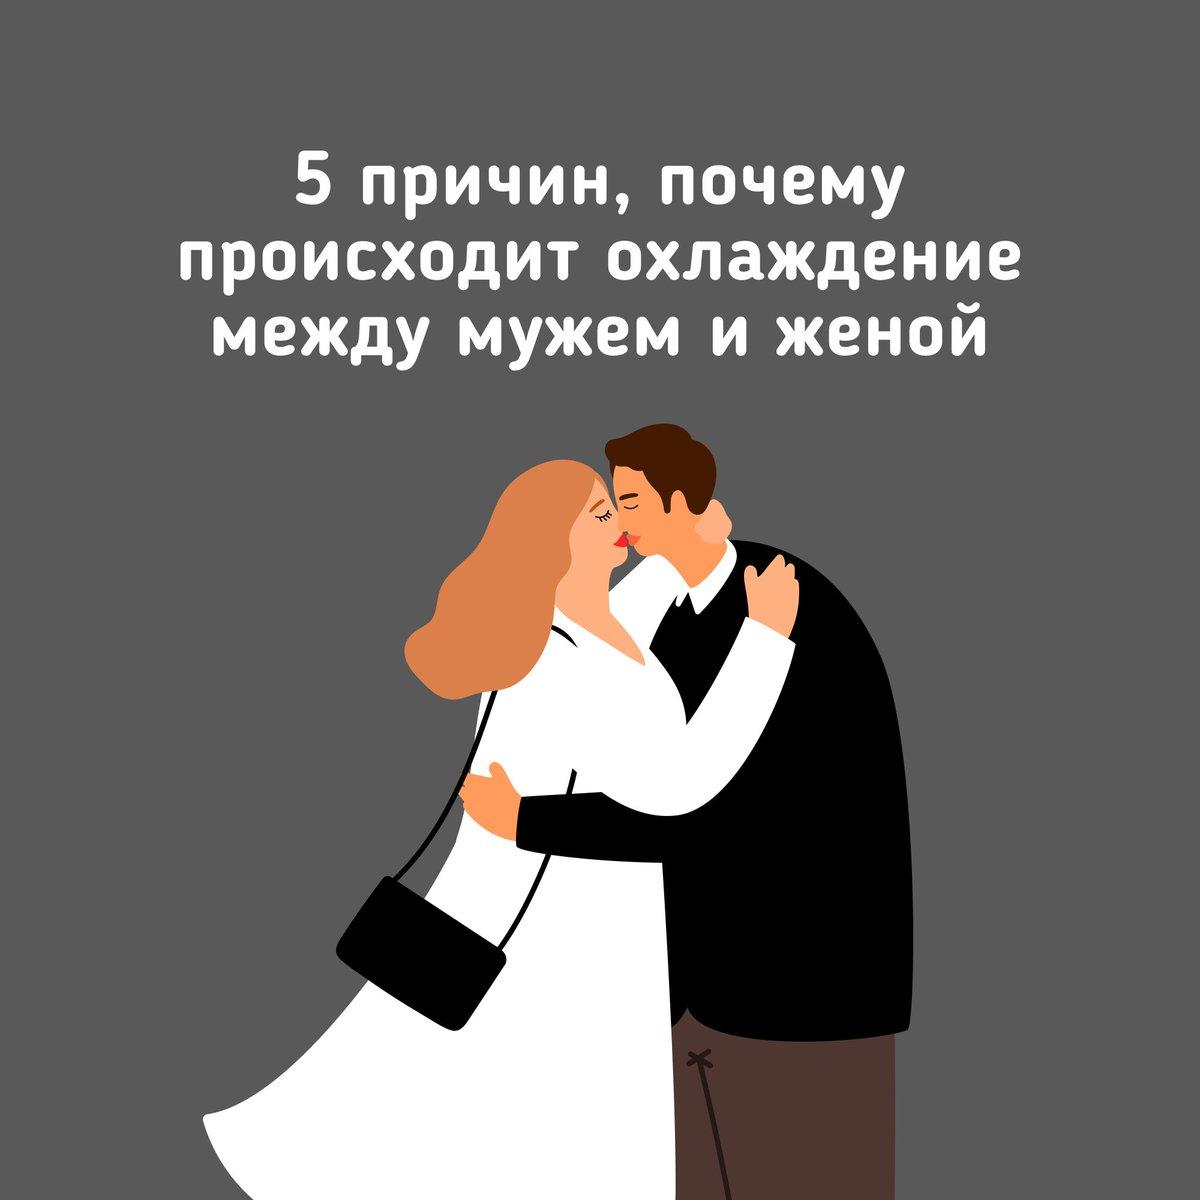 Картинки про отношения между мужем и женой